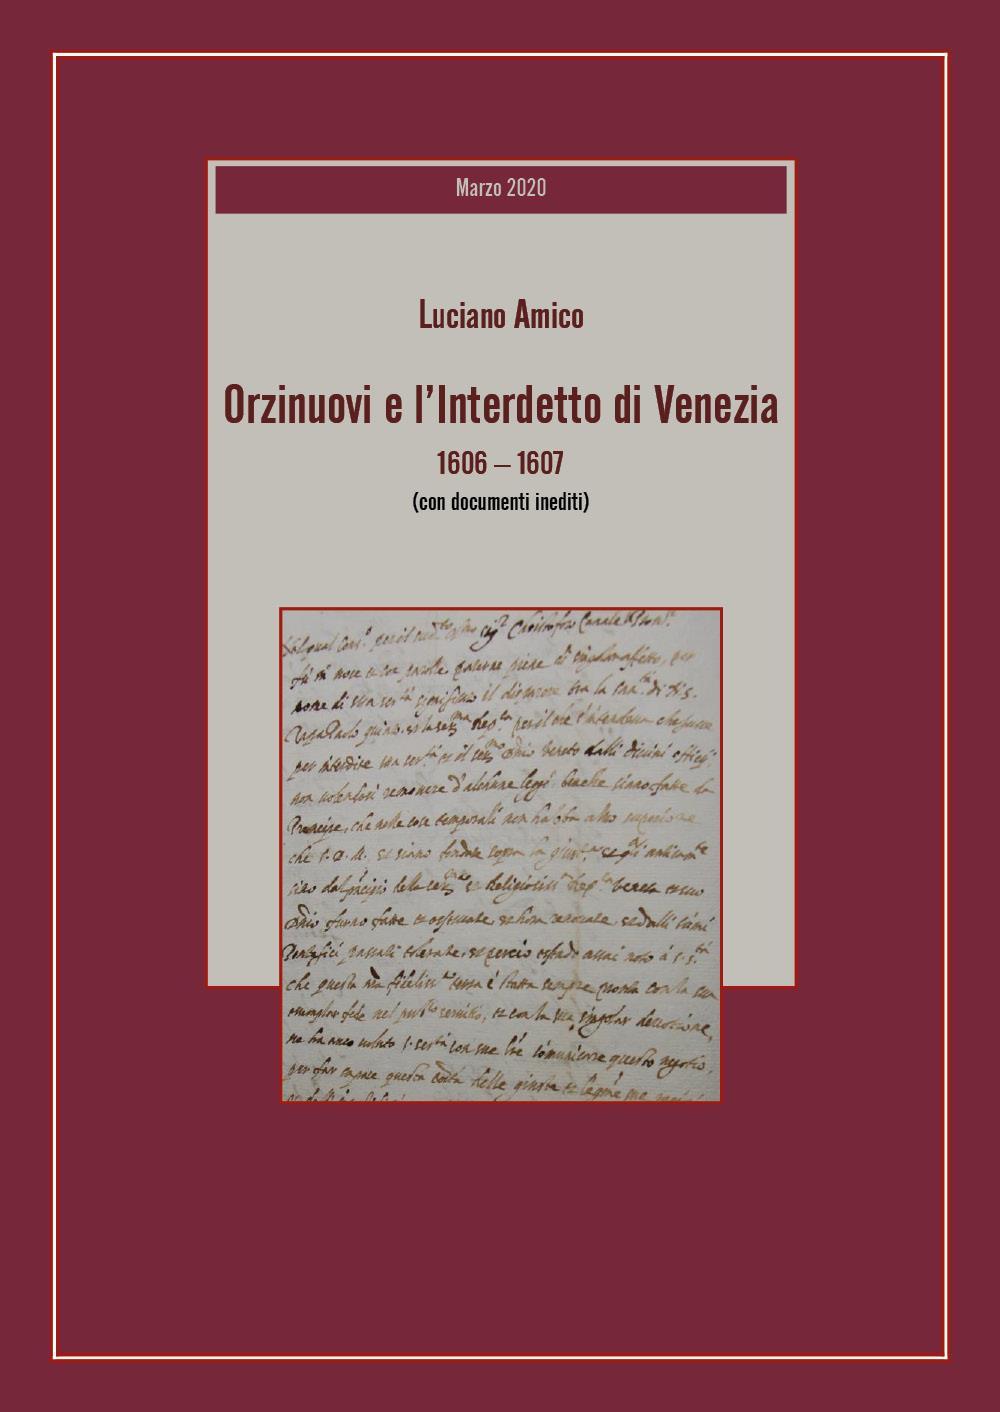 Orzinuovi e l'Interdetto di Venezia (1606-1607)